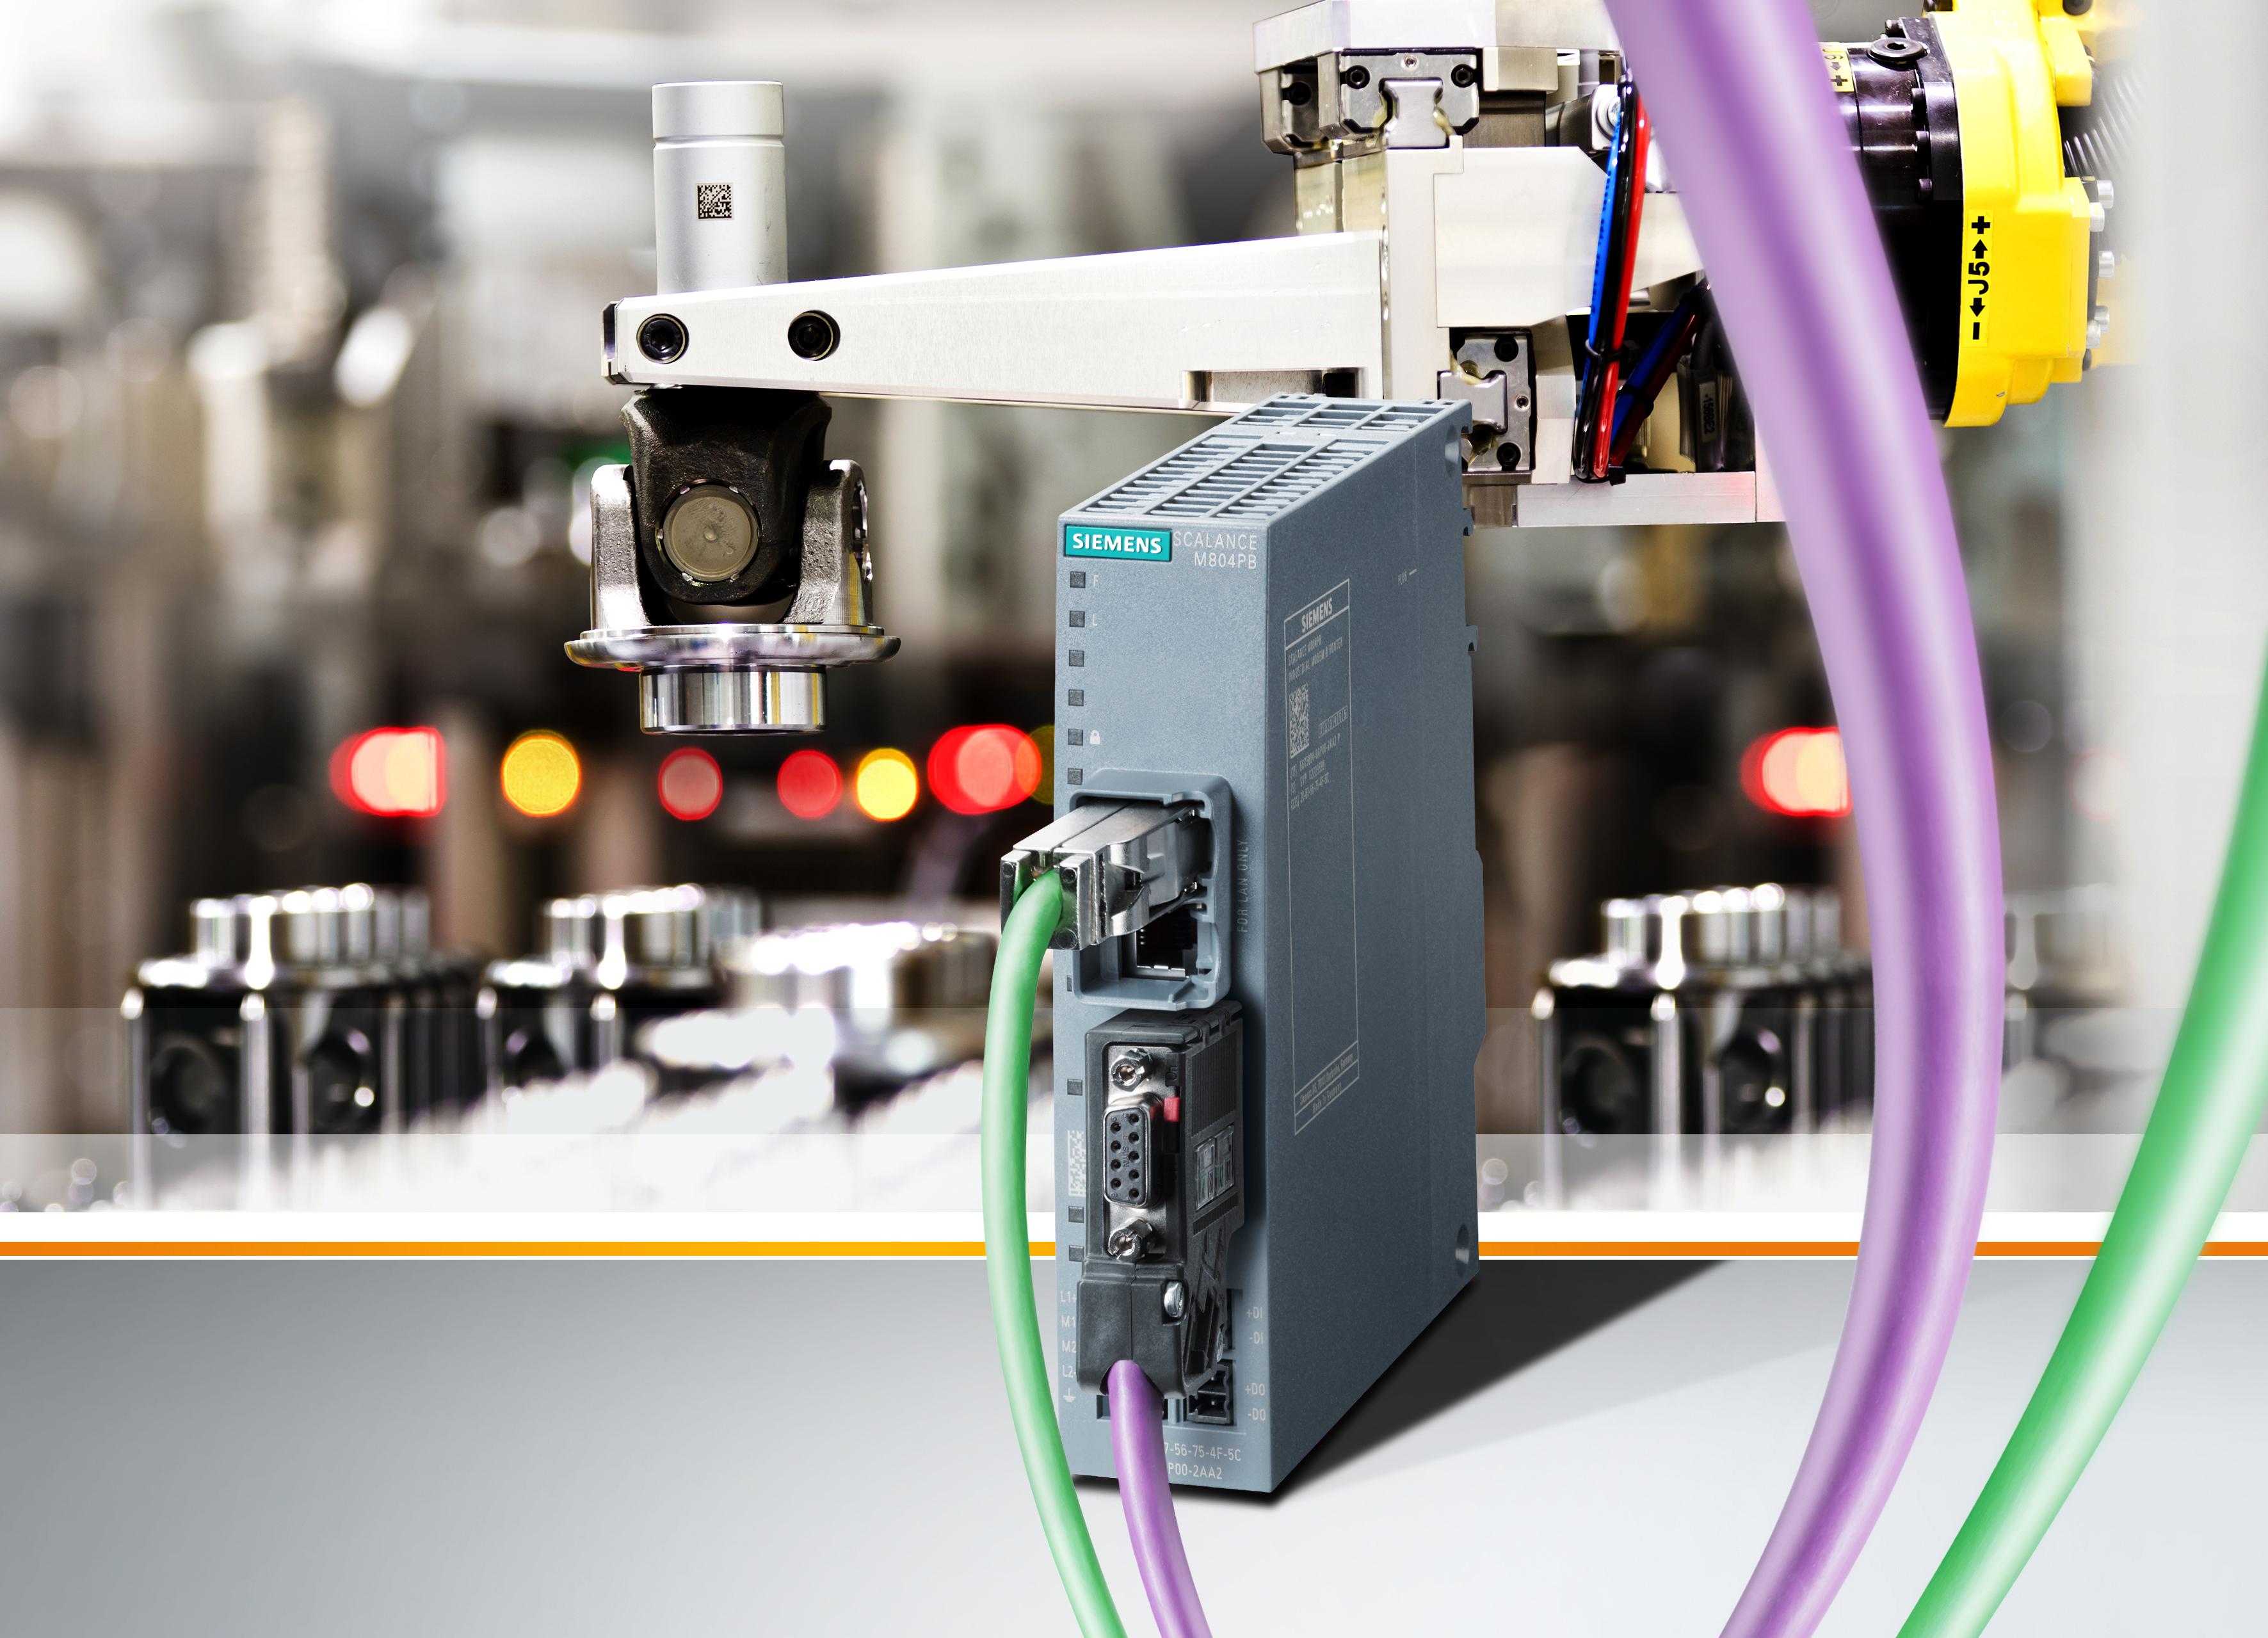 Siemens erweitert sein Portfolio an Industrie-Routern mit dem Scalance M804PB. Dieser ermöglicht den Anschluss von Maschinen und Anlagen (zum Beispiel mit Simatic S7-300/S7-400) über Profibus/MPI an Ethernet-Netzwerke.